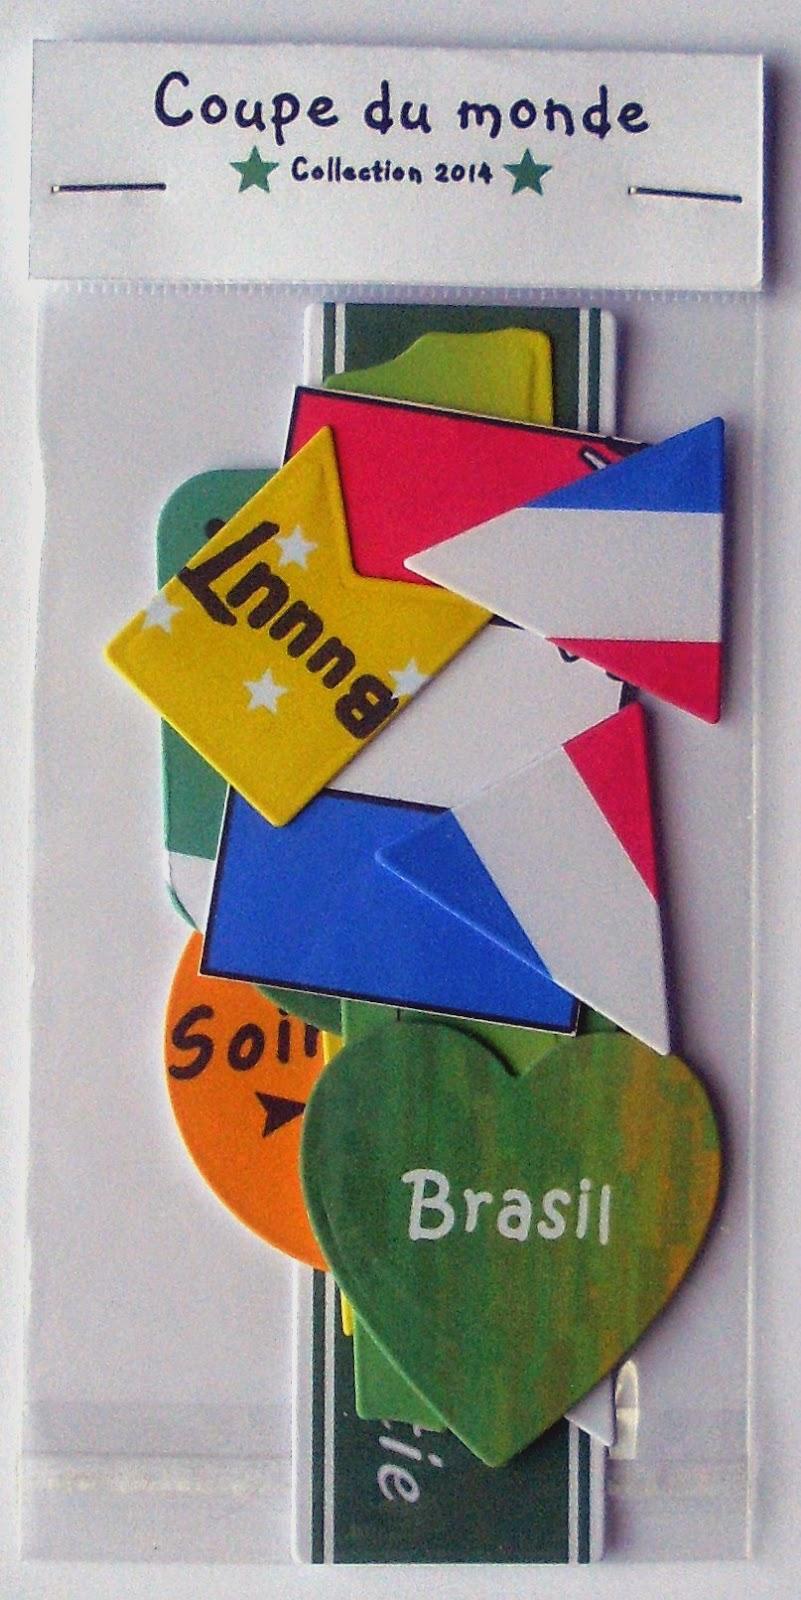 http://www.aubergedesloisirs.com/etiquettes-tags/993-etiquettes-coupe-du-monde-2014-scrapbooking-carterie.html